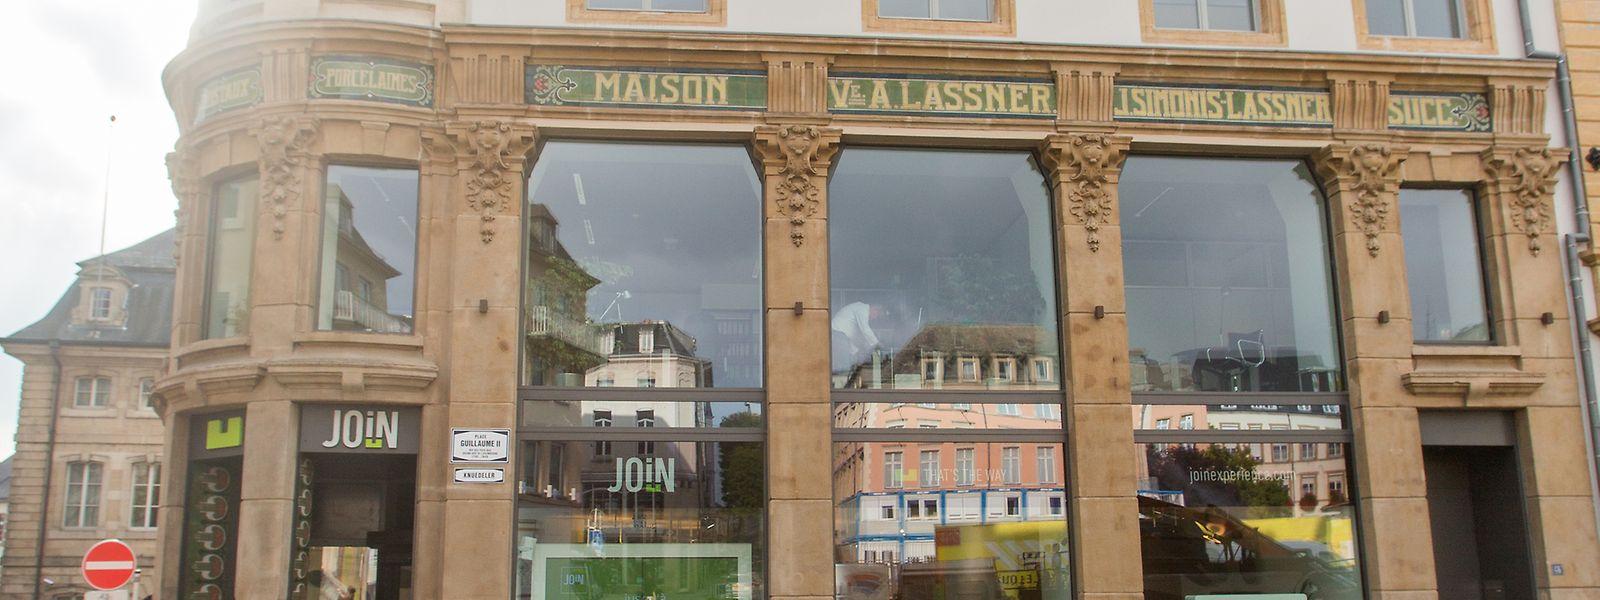 La maison Lassner est au centre du litige entre la Ville de Luxembourg et l'immobilière Lassner.